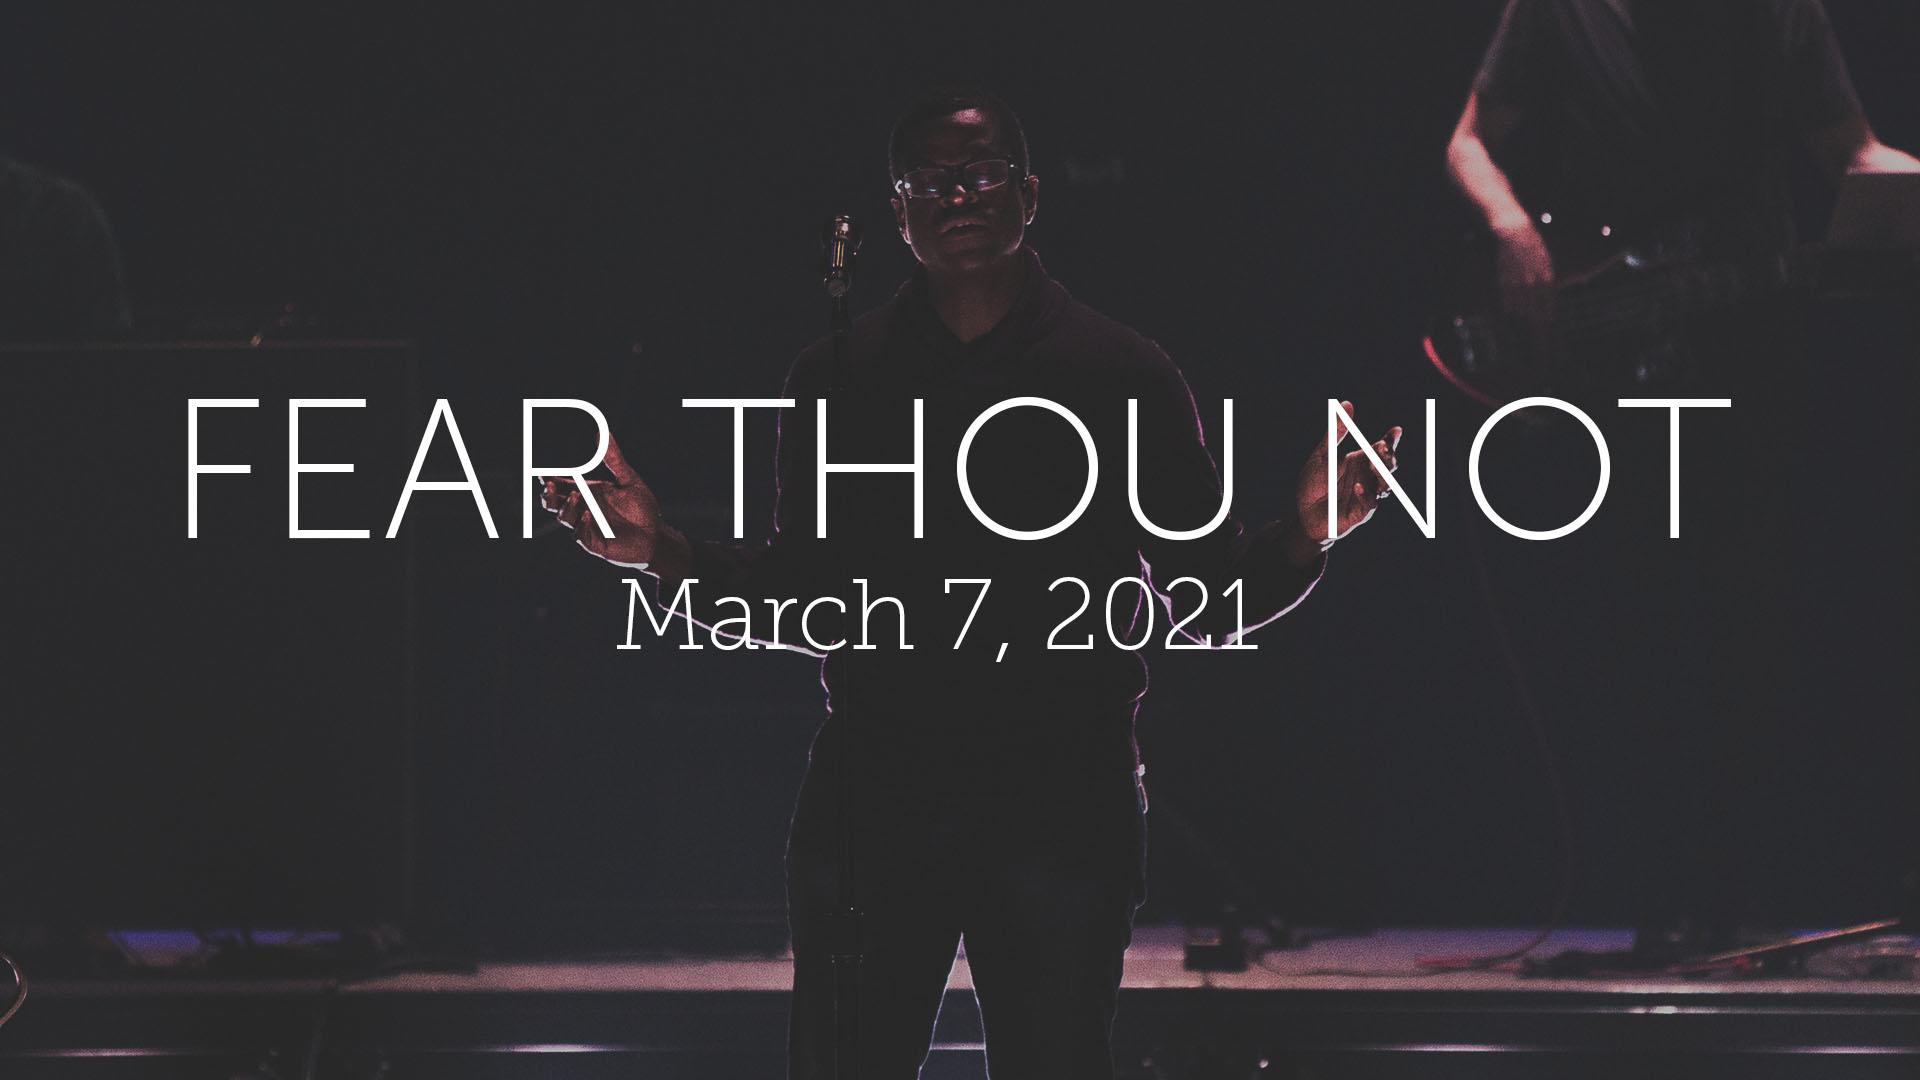 Fear Thou Not